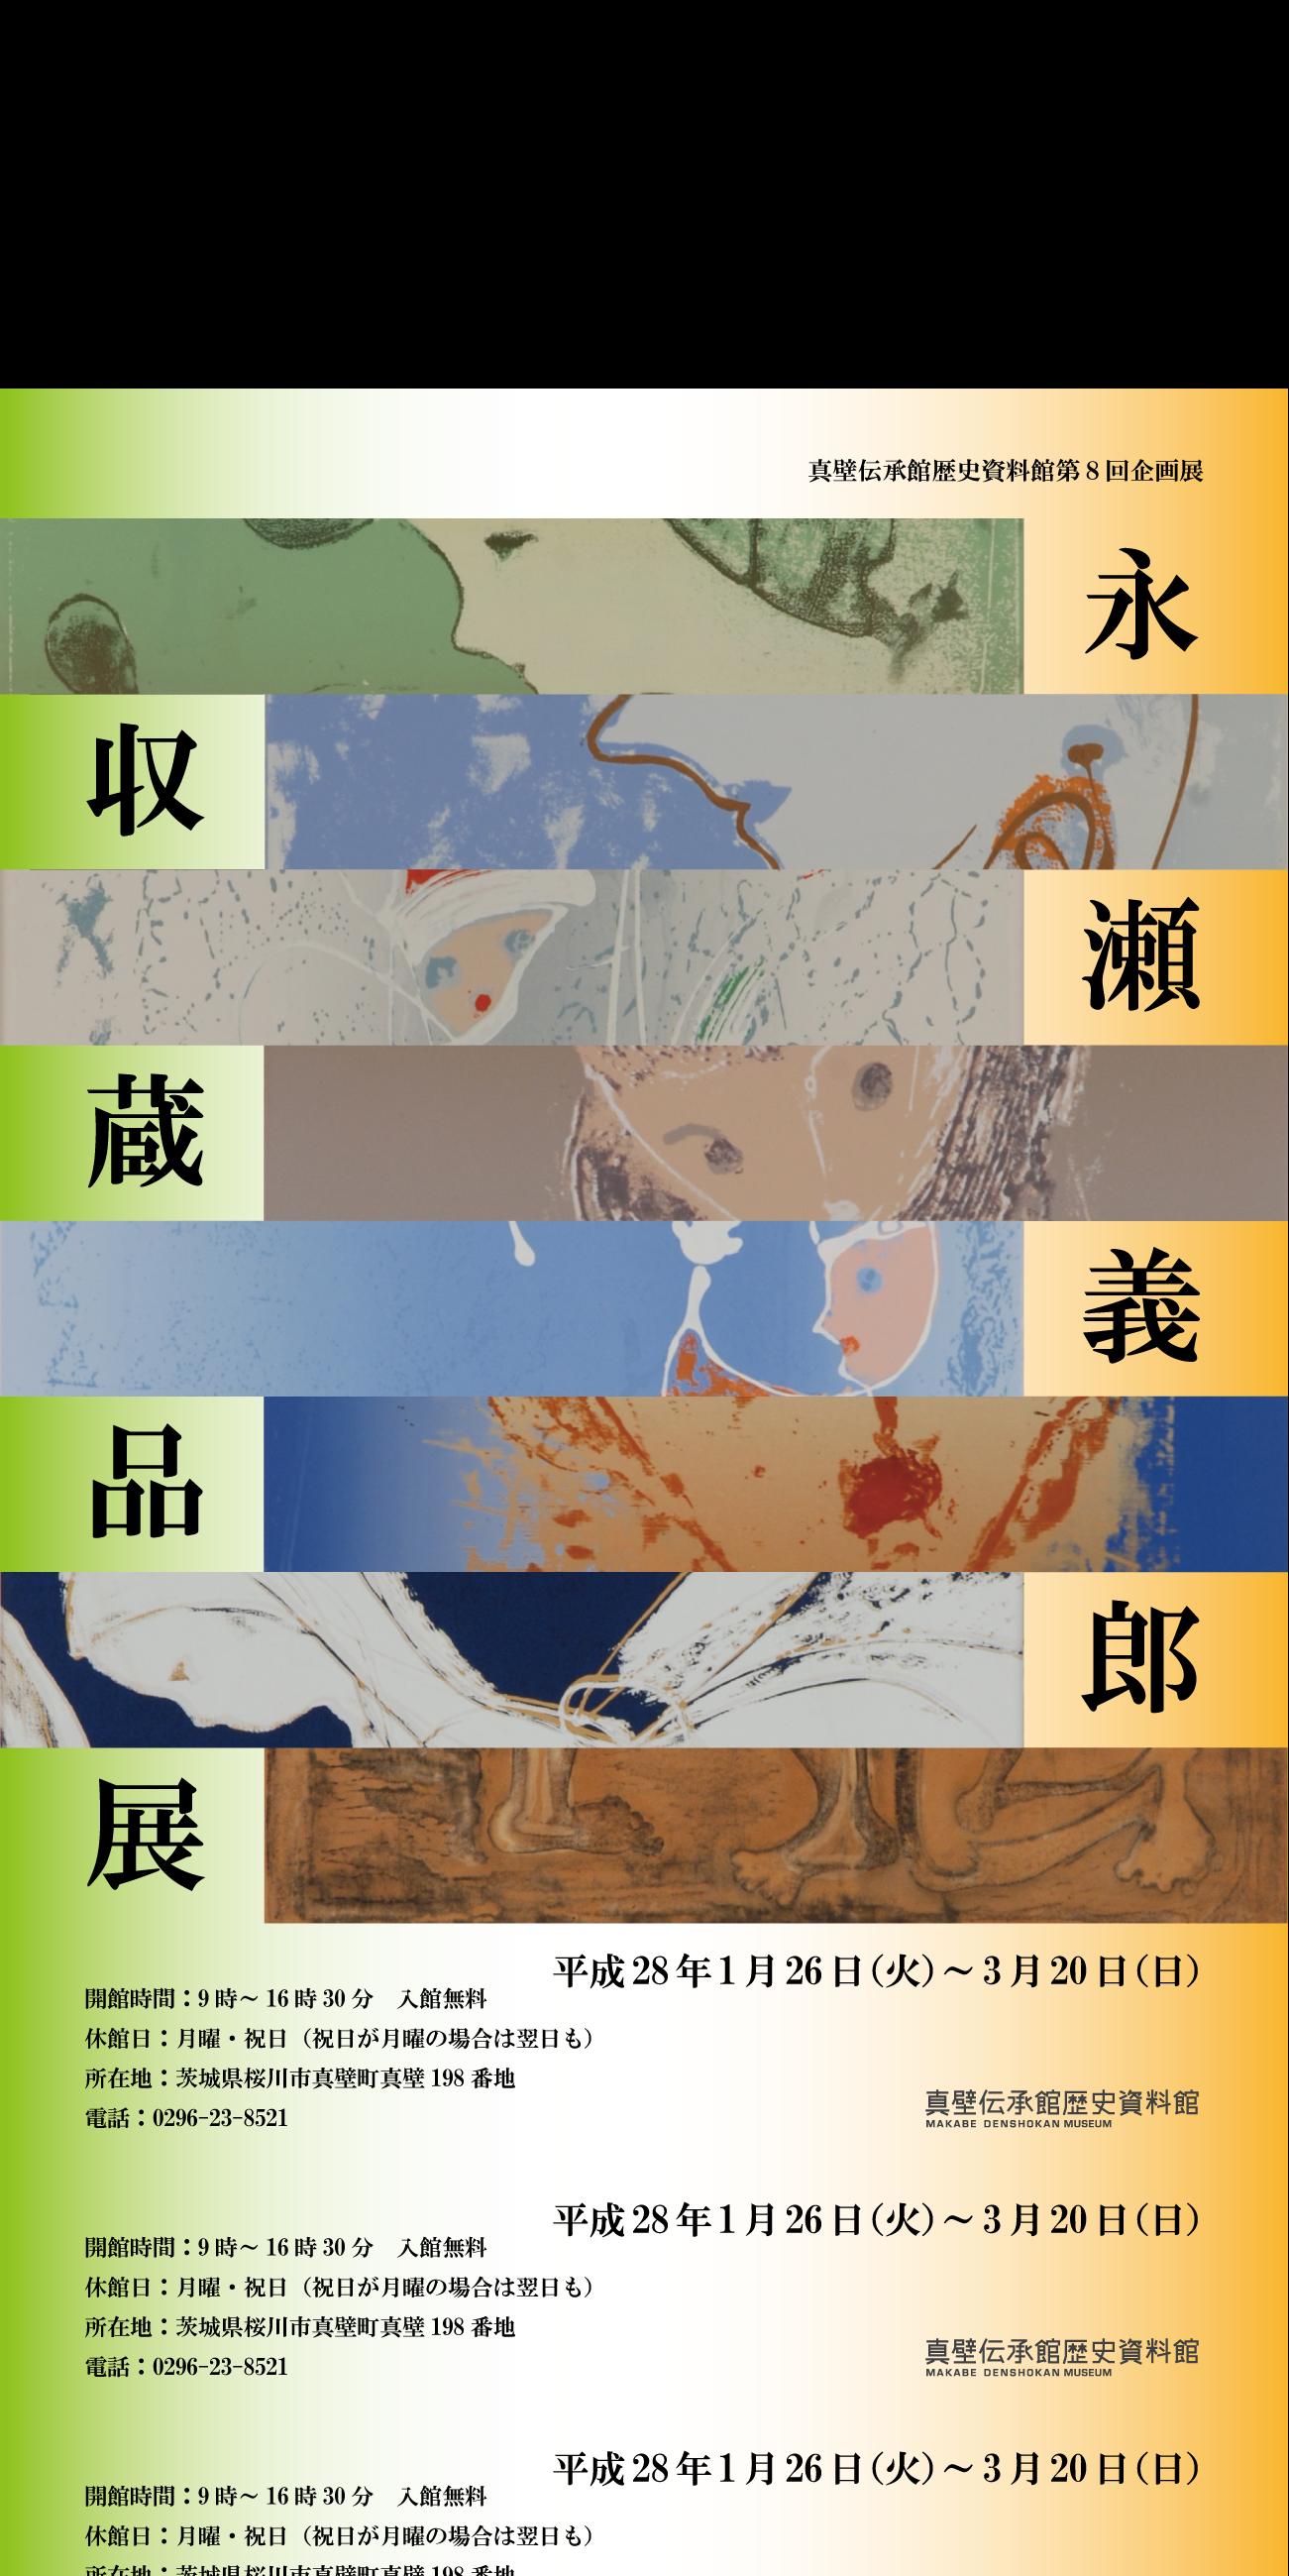 『第8 回企画展パンフレット表』の画像